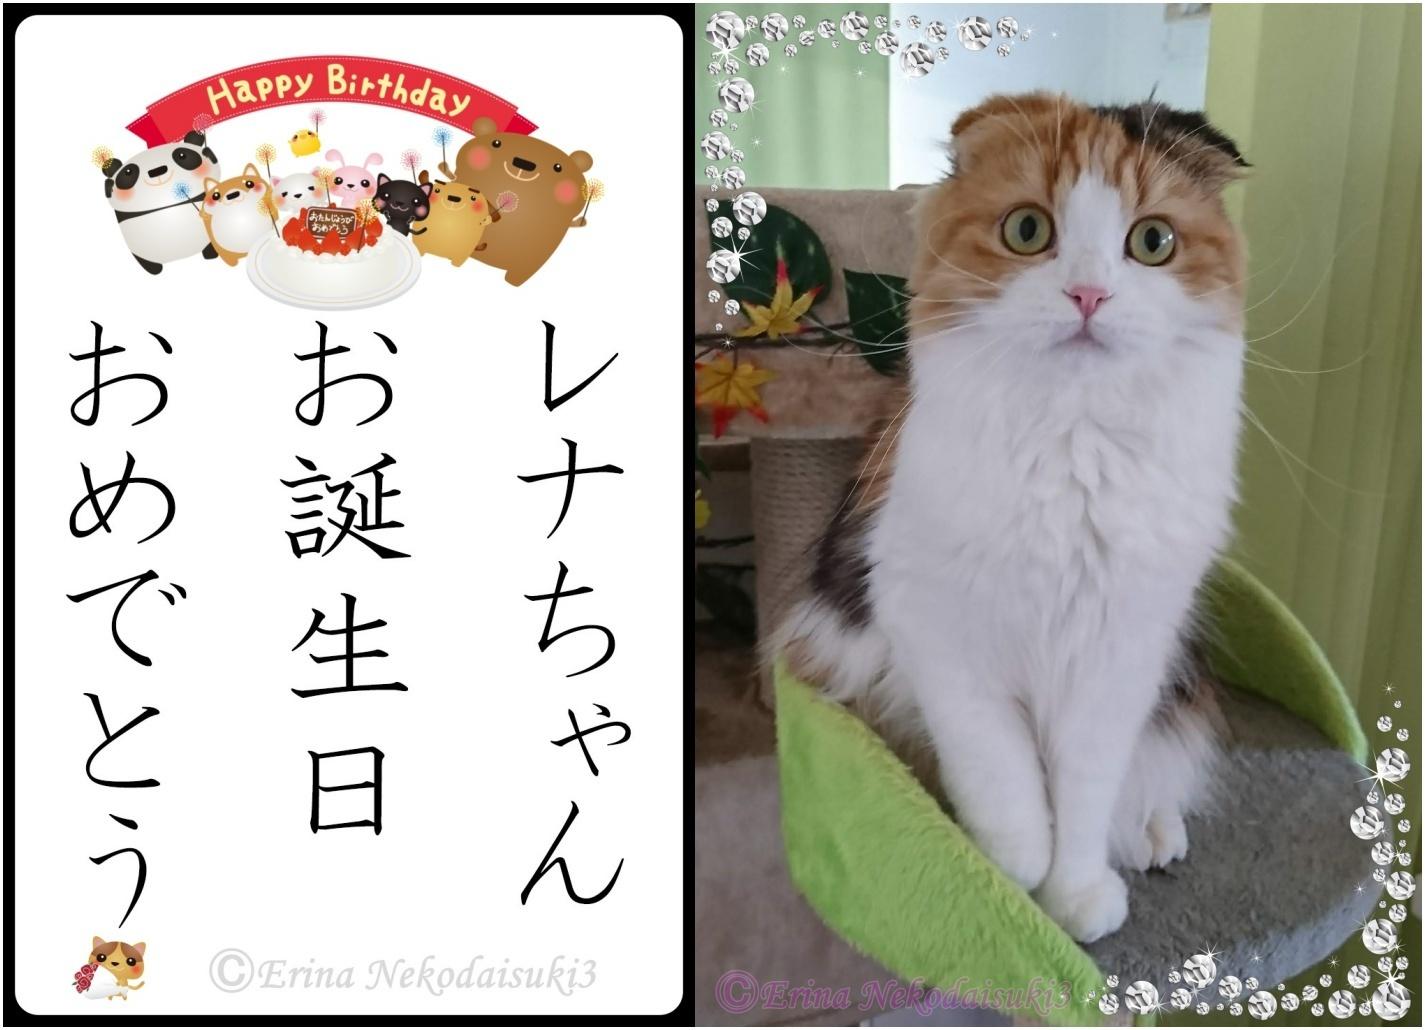 2連結レナ写真有Ⓒイラスト付き猫川柳レナちゃんお誕生日おめでとう-side.jpg